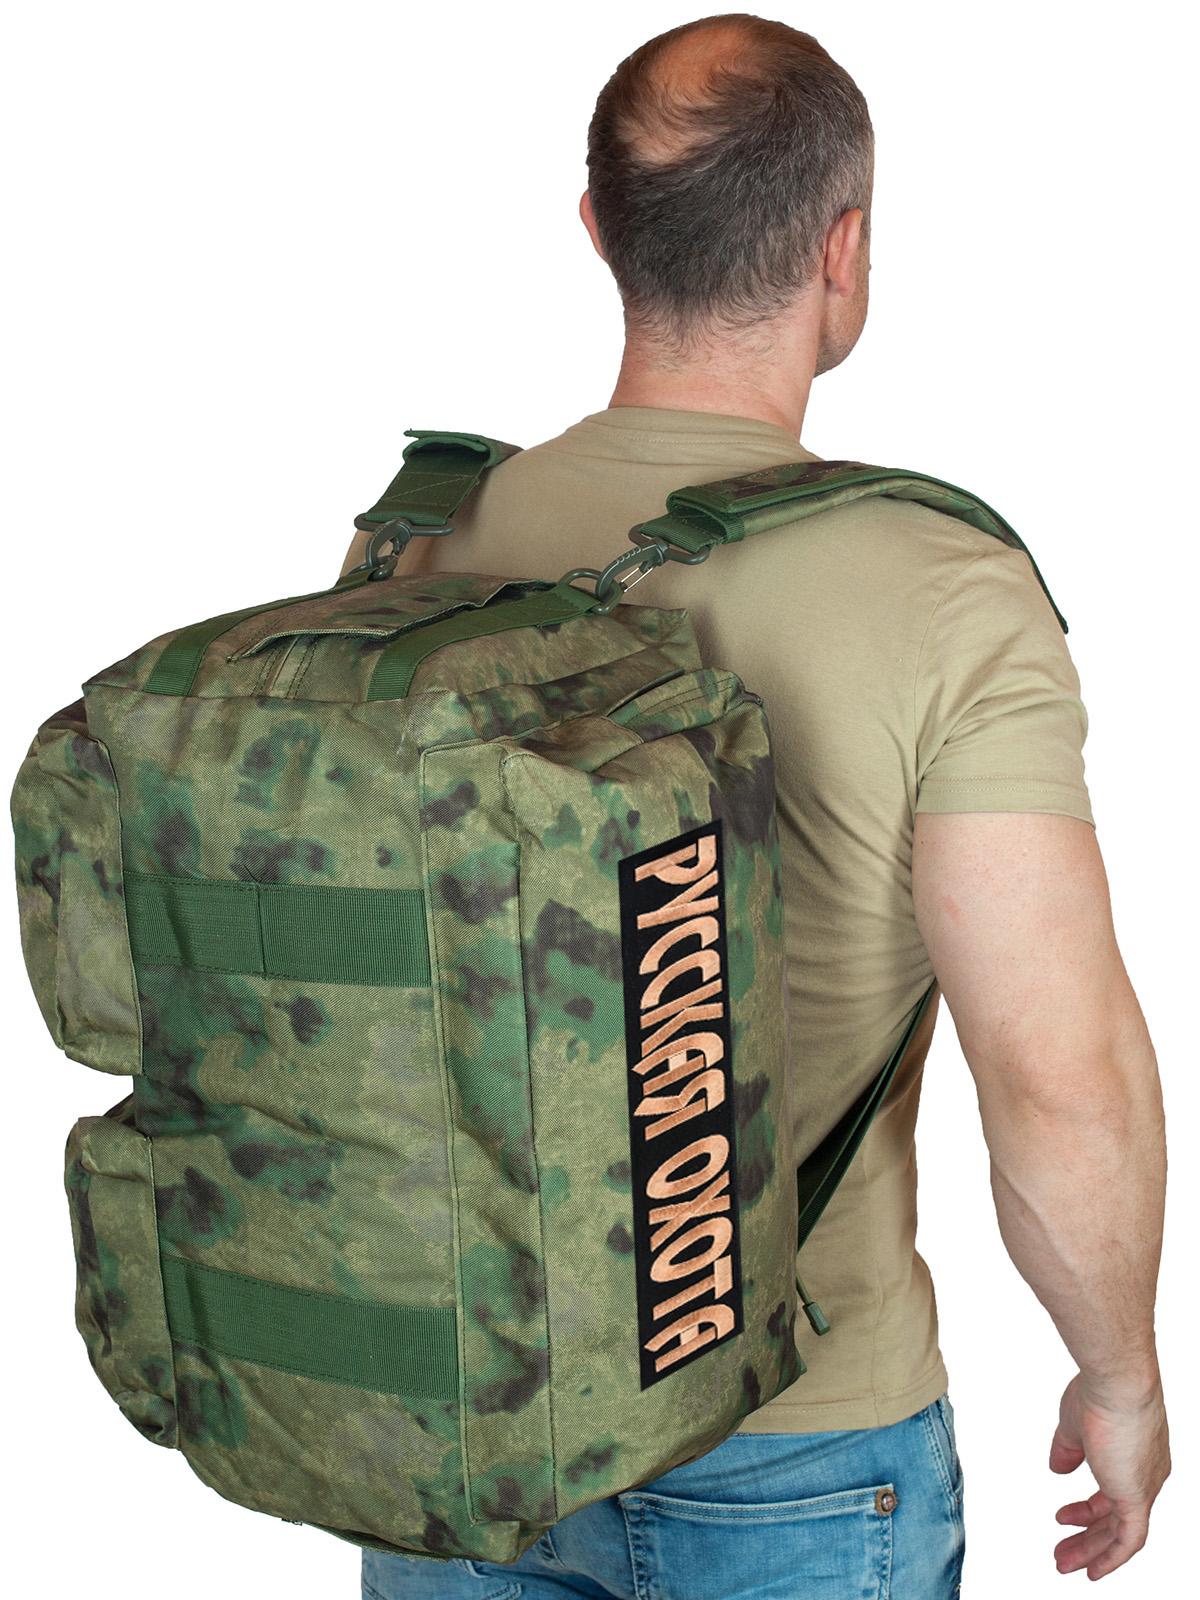 Купить камуфляжную заплечную сумку-баул Русская Охота онлайн выгодно